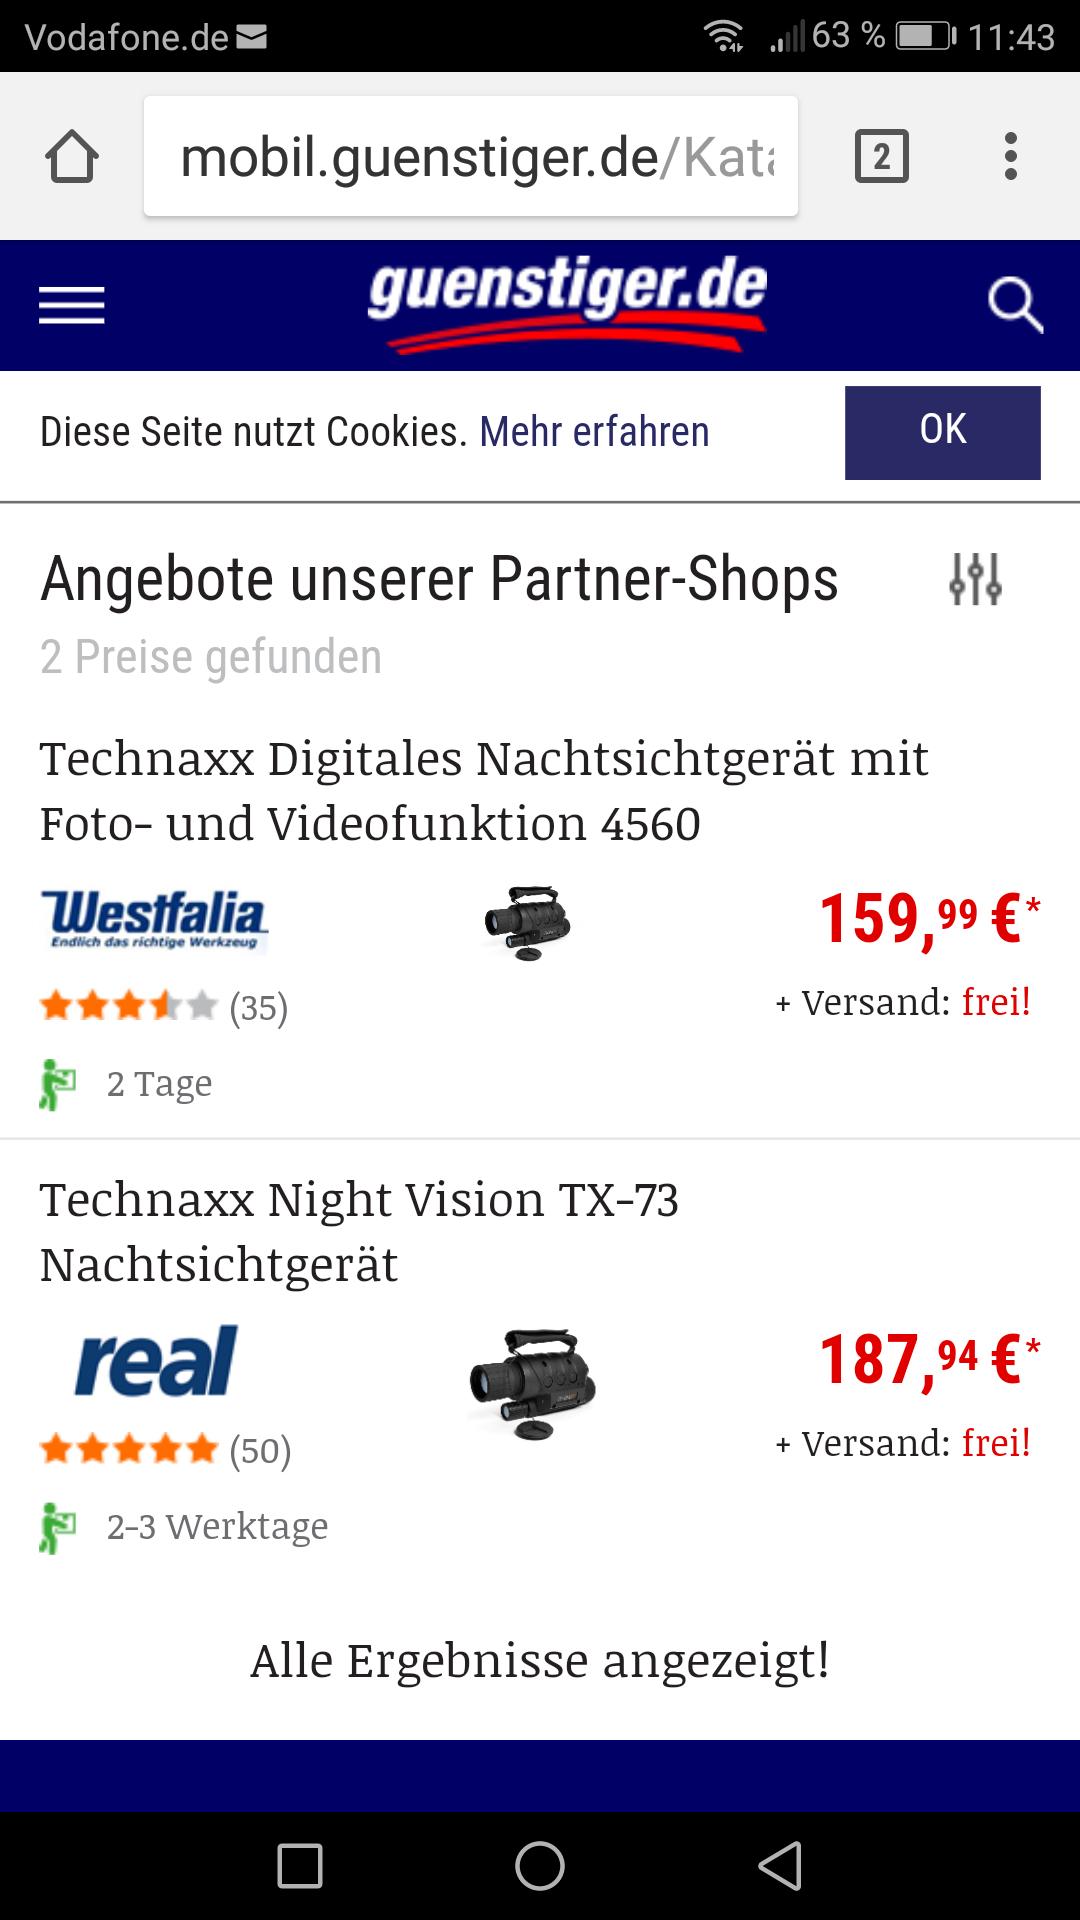 Technaxx Digitales Nachtsichtgerät